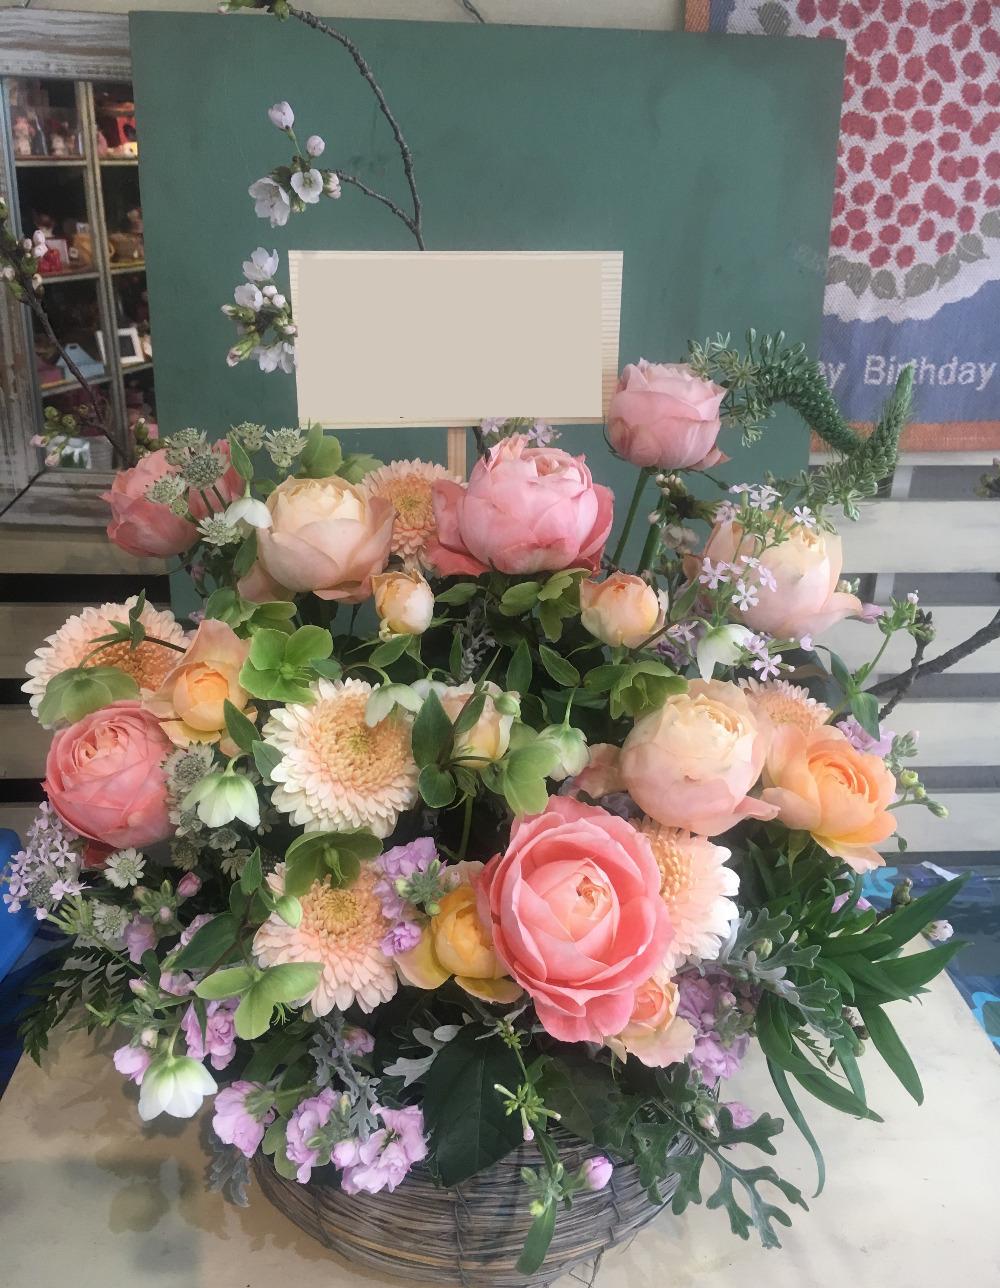 ネイルサロン様への優しい祝い花